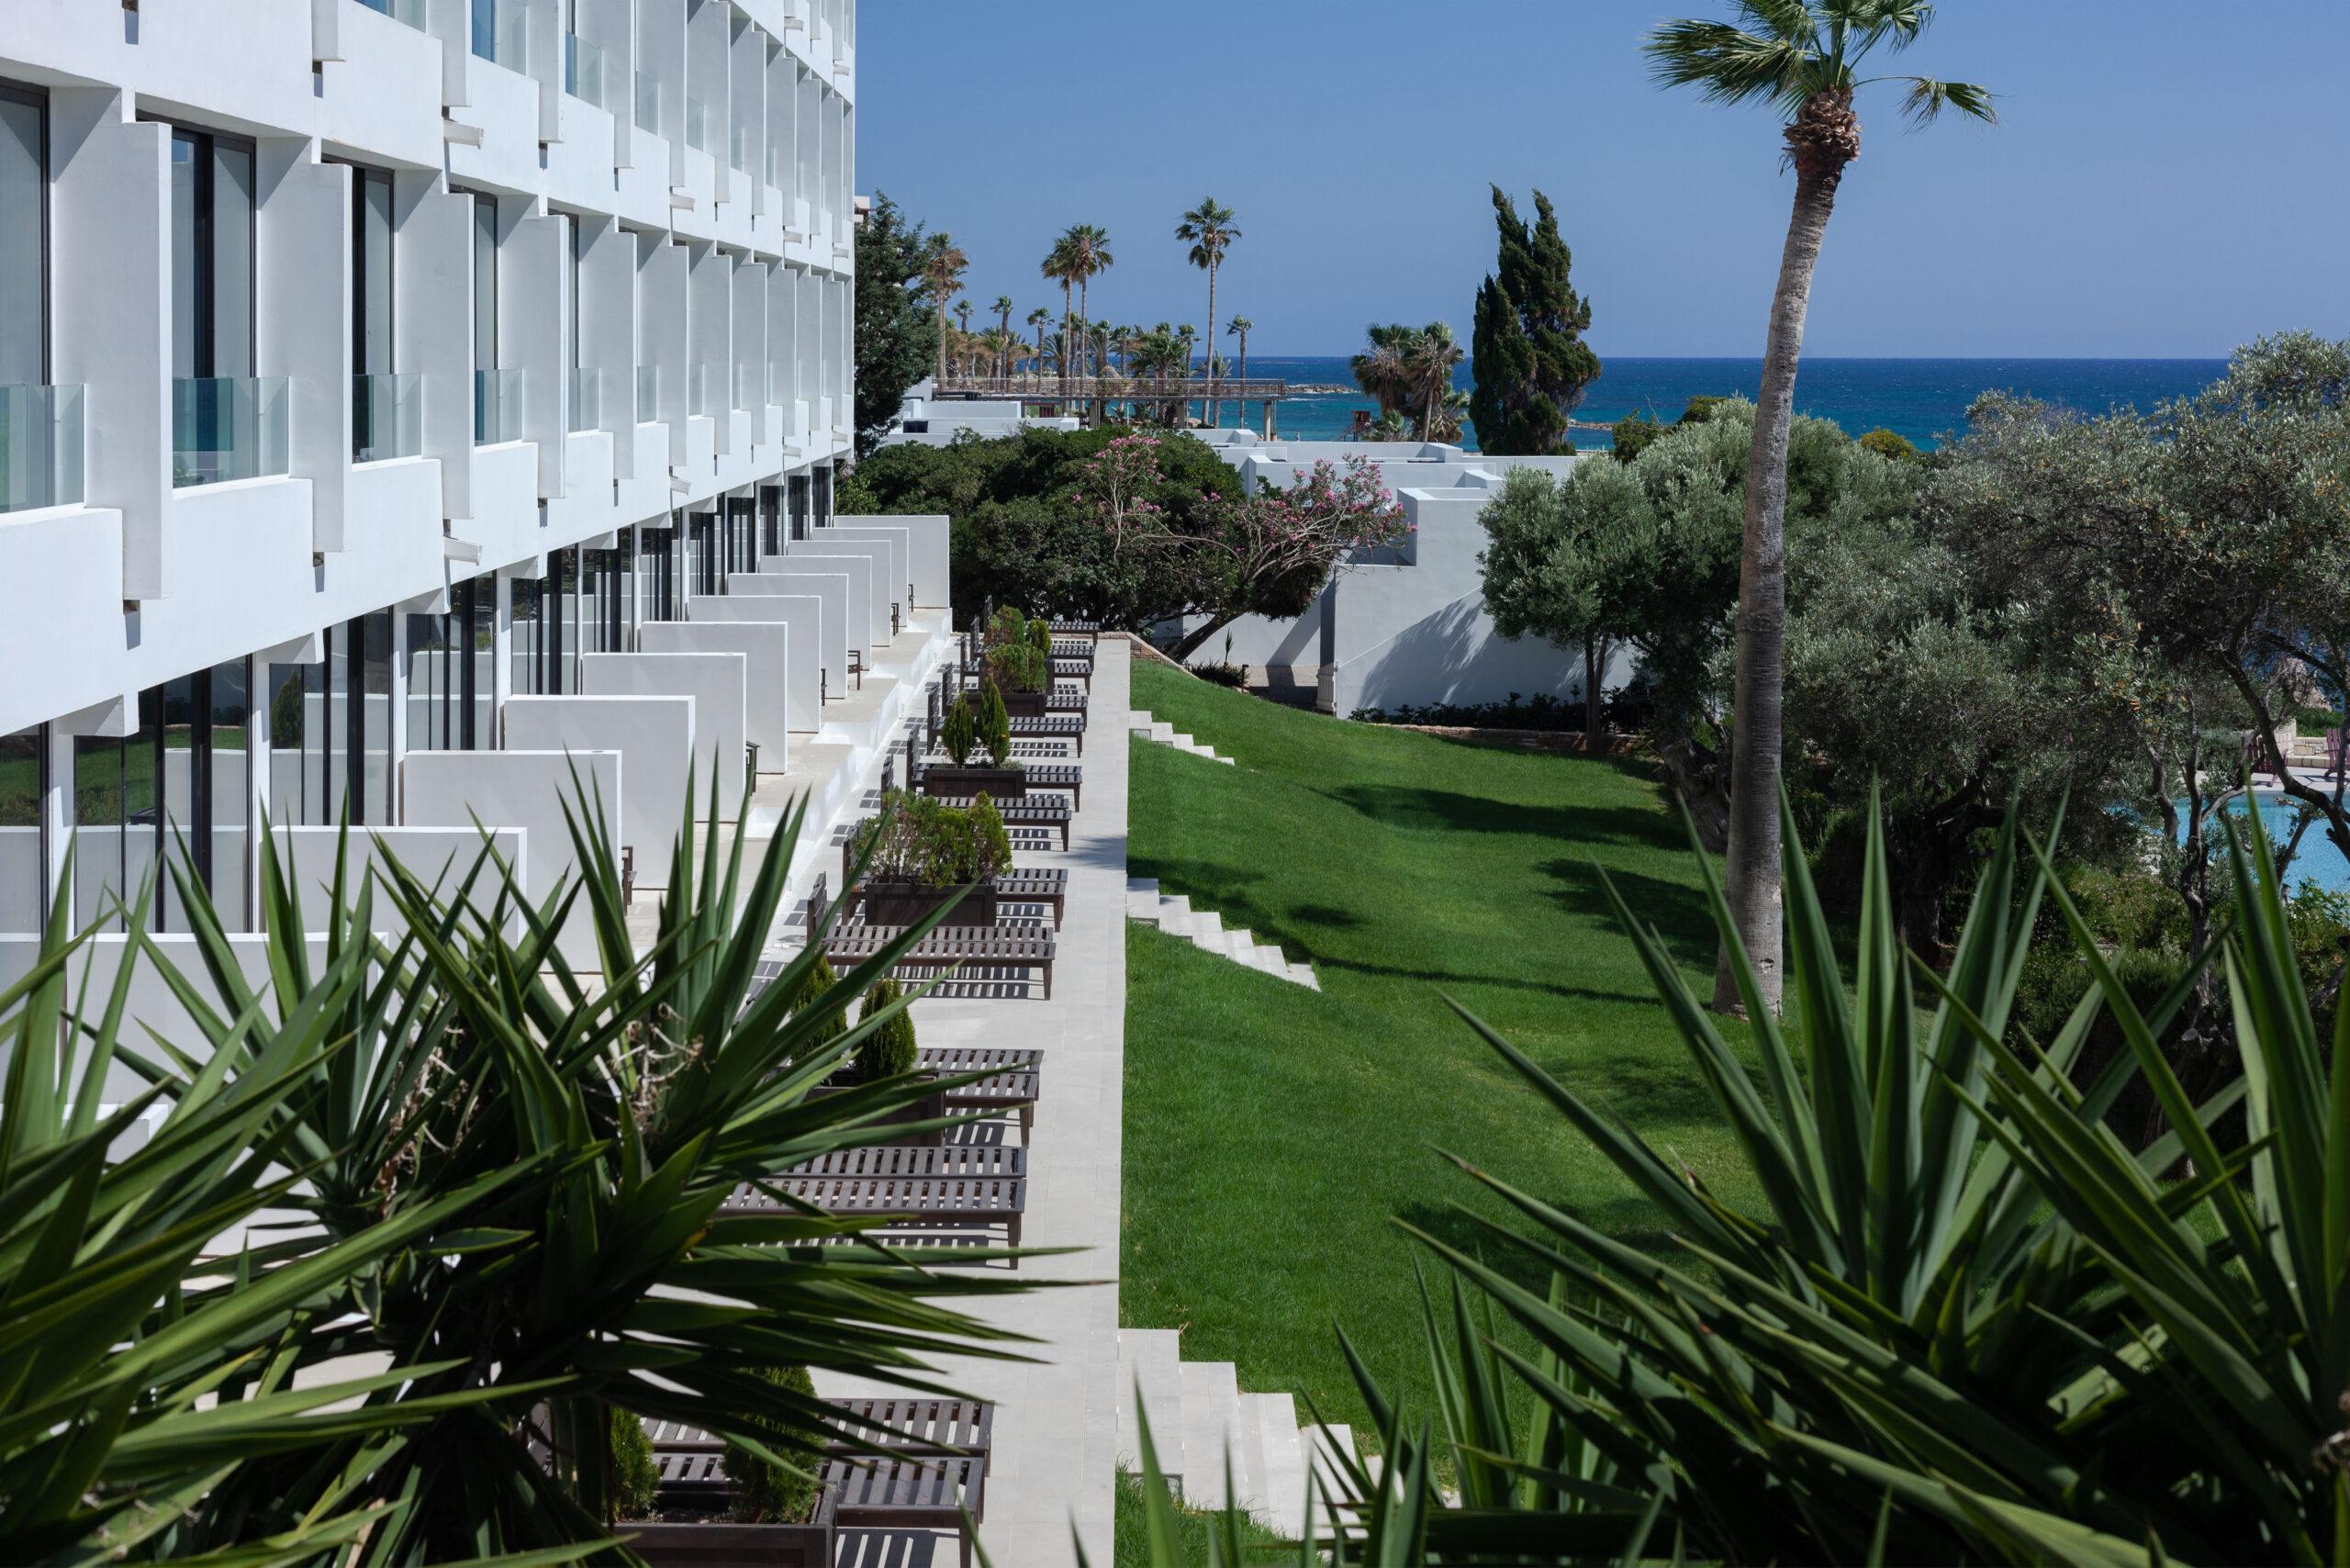 <span>Кипр, Almyra, 5* Пафос<br>Полупансион или полный пансион для детей - бесплатно!</span>